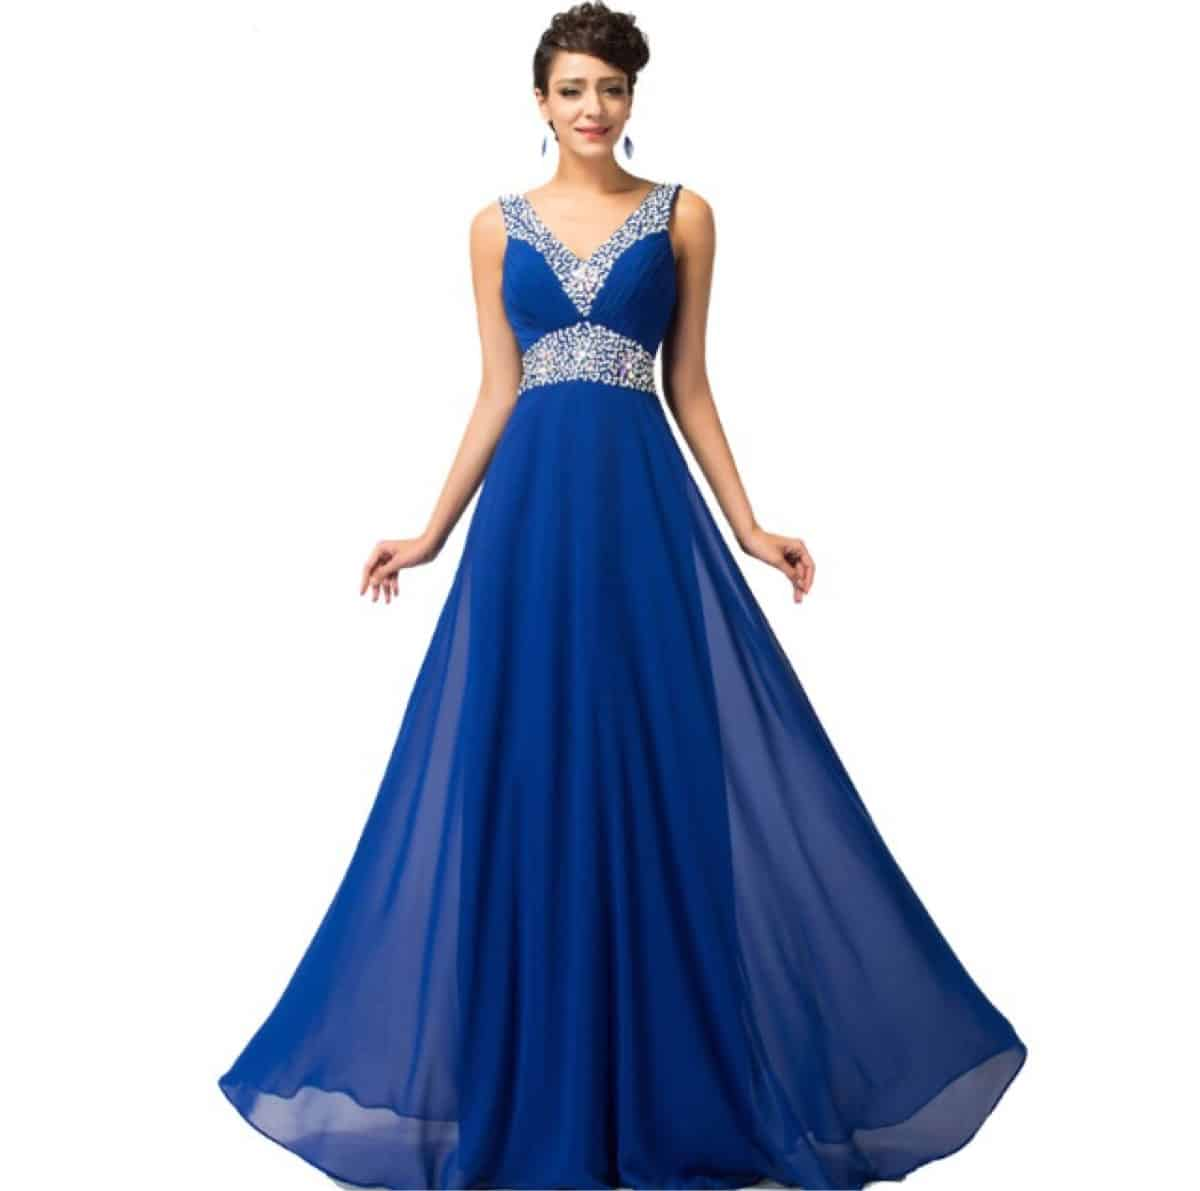 27ac180a822 El vestido azul francia o gris es muy buena opción para una fiesta